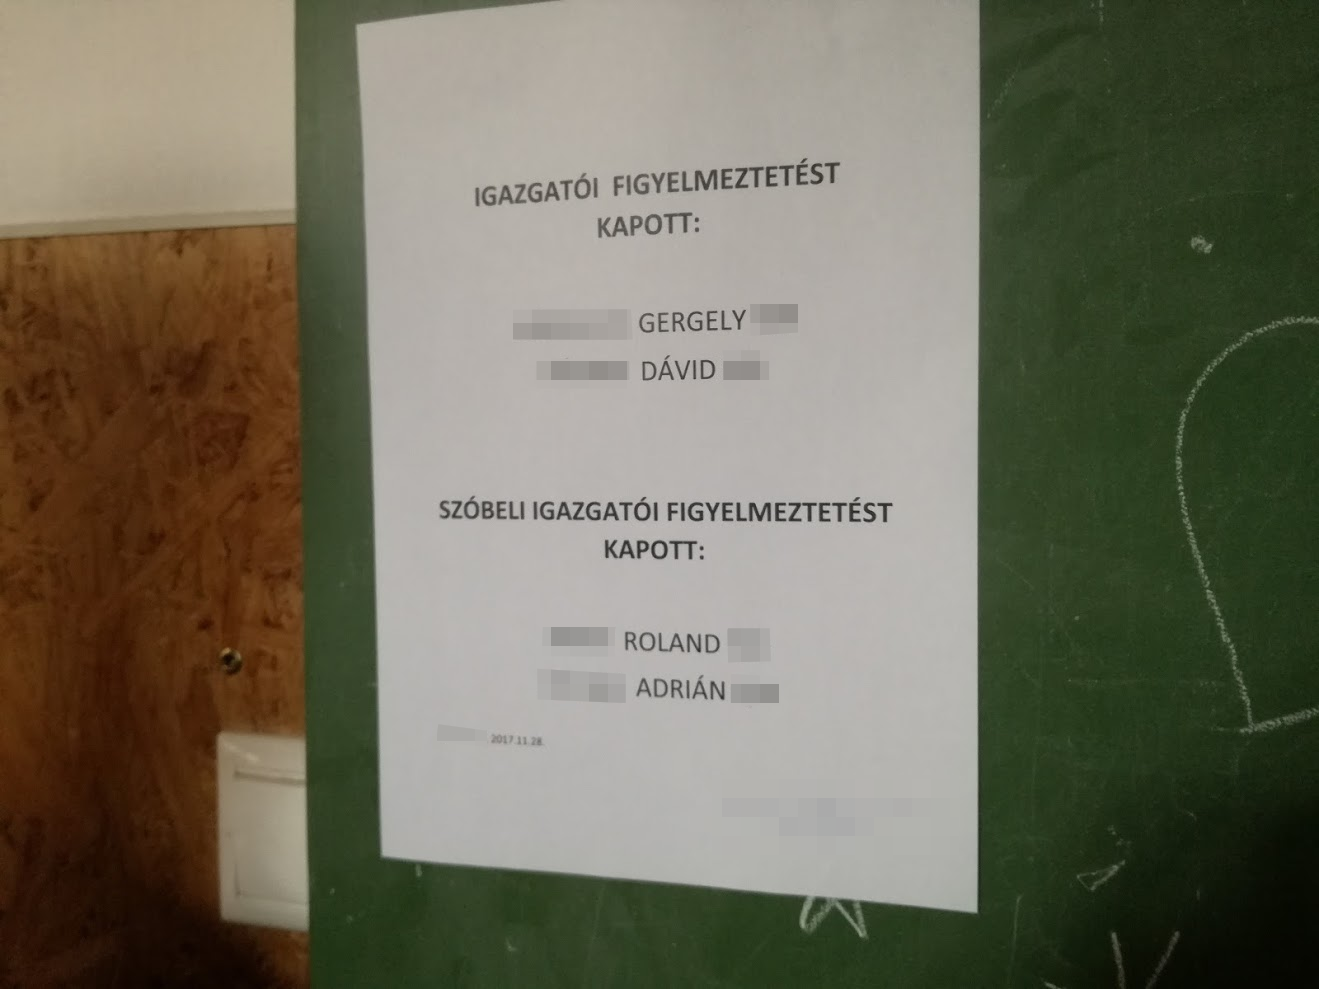 Jogsértő volt, hogy hirdetőtáblára írták ki az igazgatói intőt kapó diákok neveit egy komáromi szakgimnáziumban